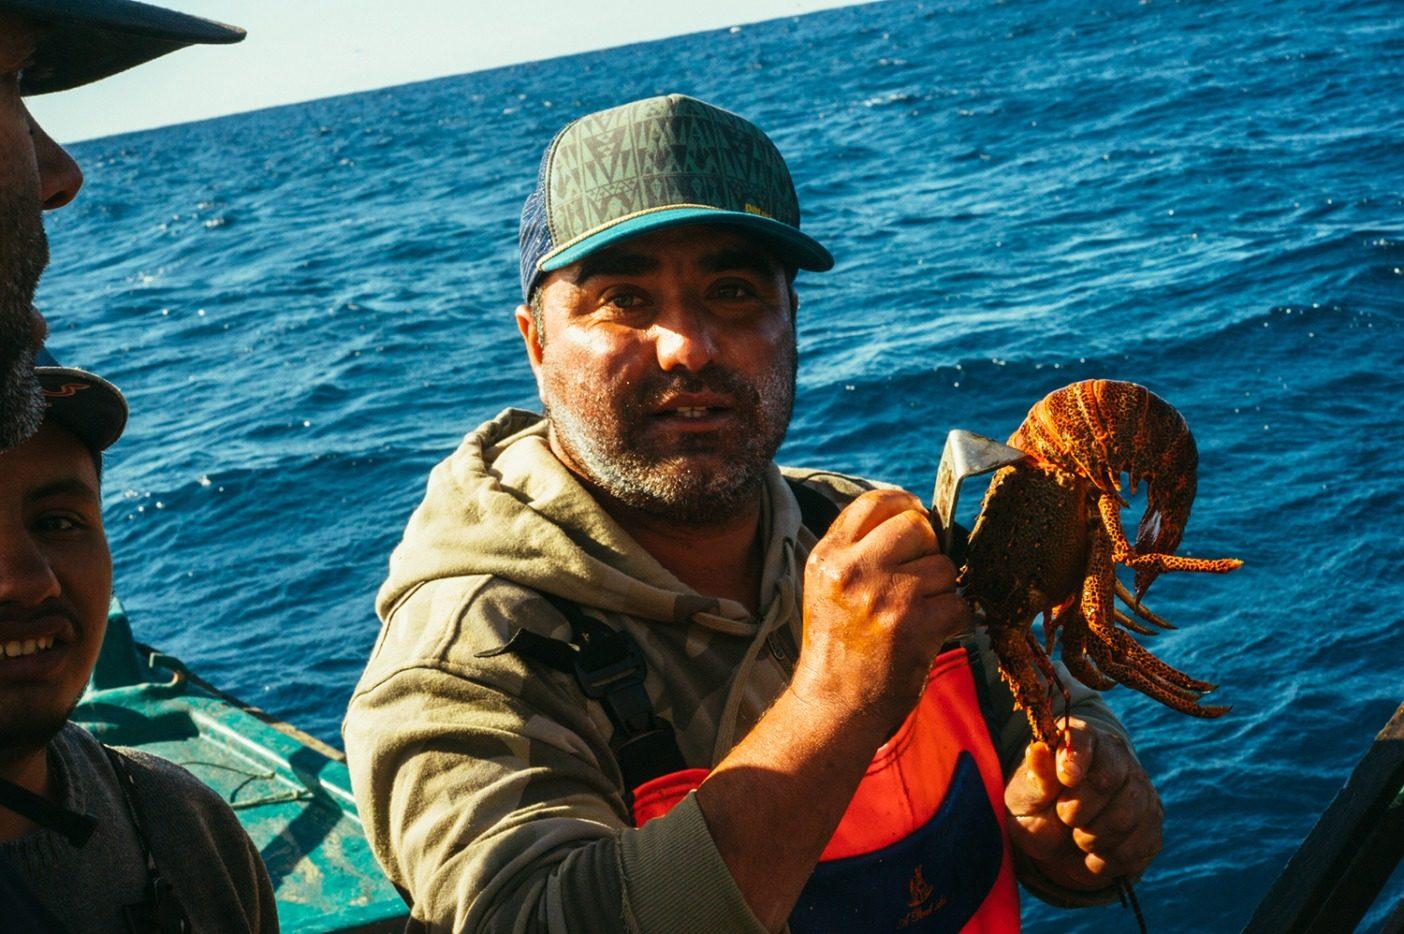 確実に大きなものだけを収穫し、小さいものは成長するまで残すよう、ロブスターのサイズを測定する。何世代もにわたり、長期的な健全性、豊かさ、生存能力を守るため、この共同体はその漁場を注意深く管理してきた。写真:Daniel Russo